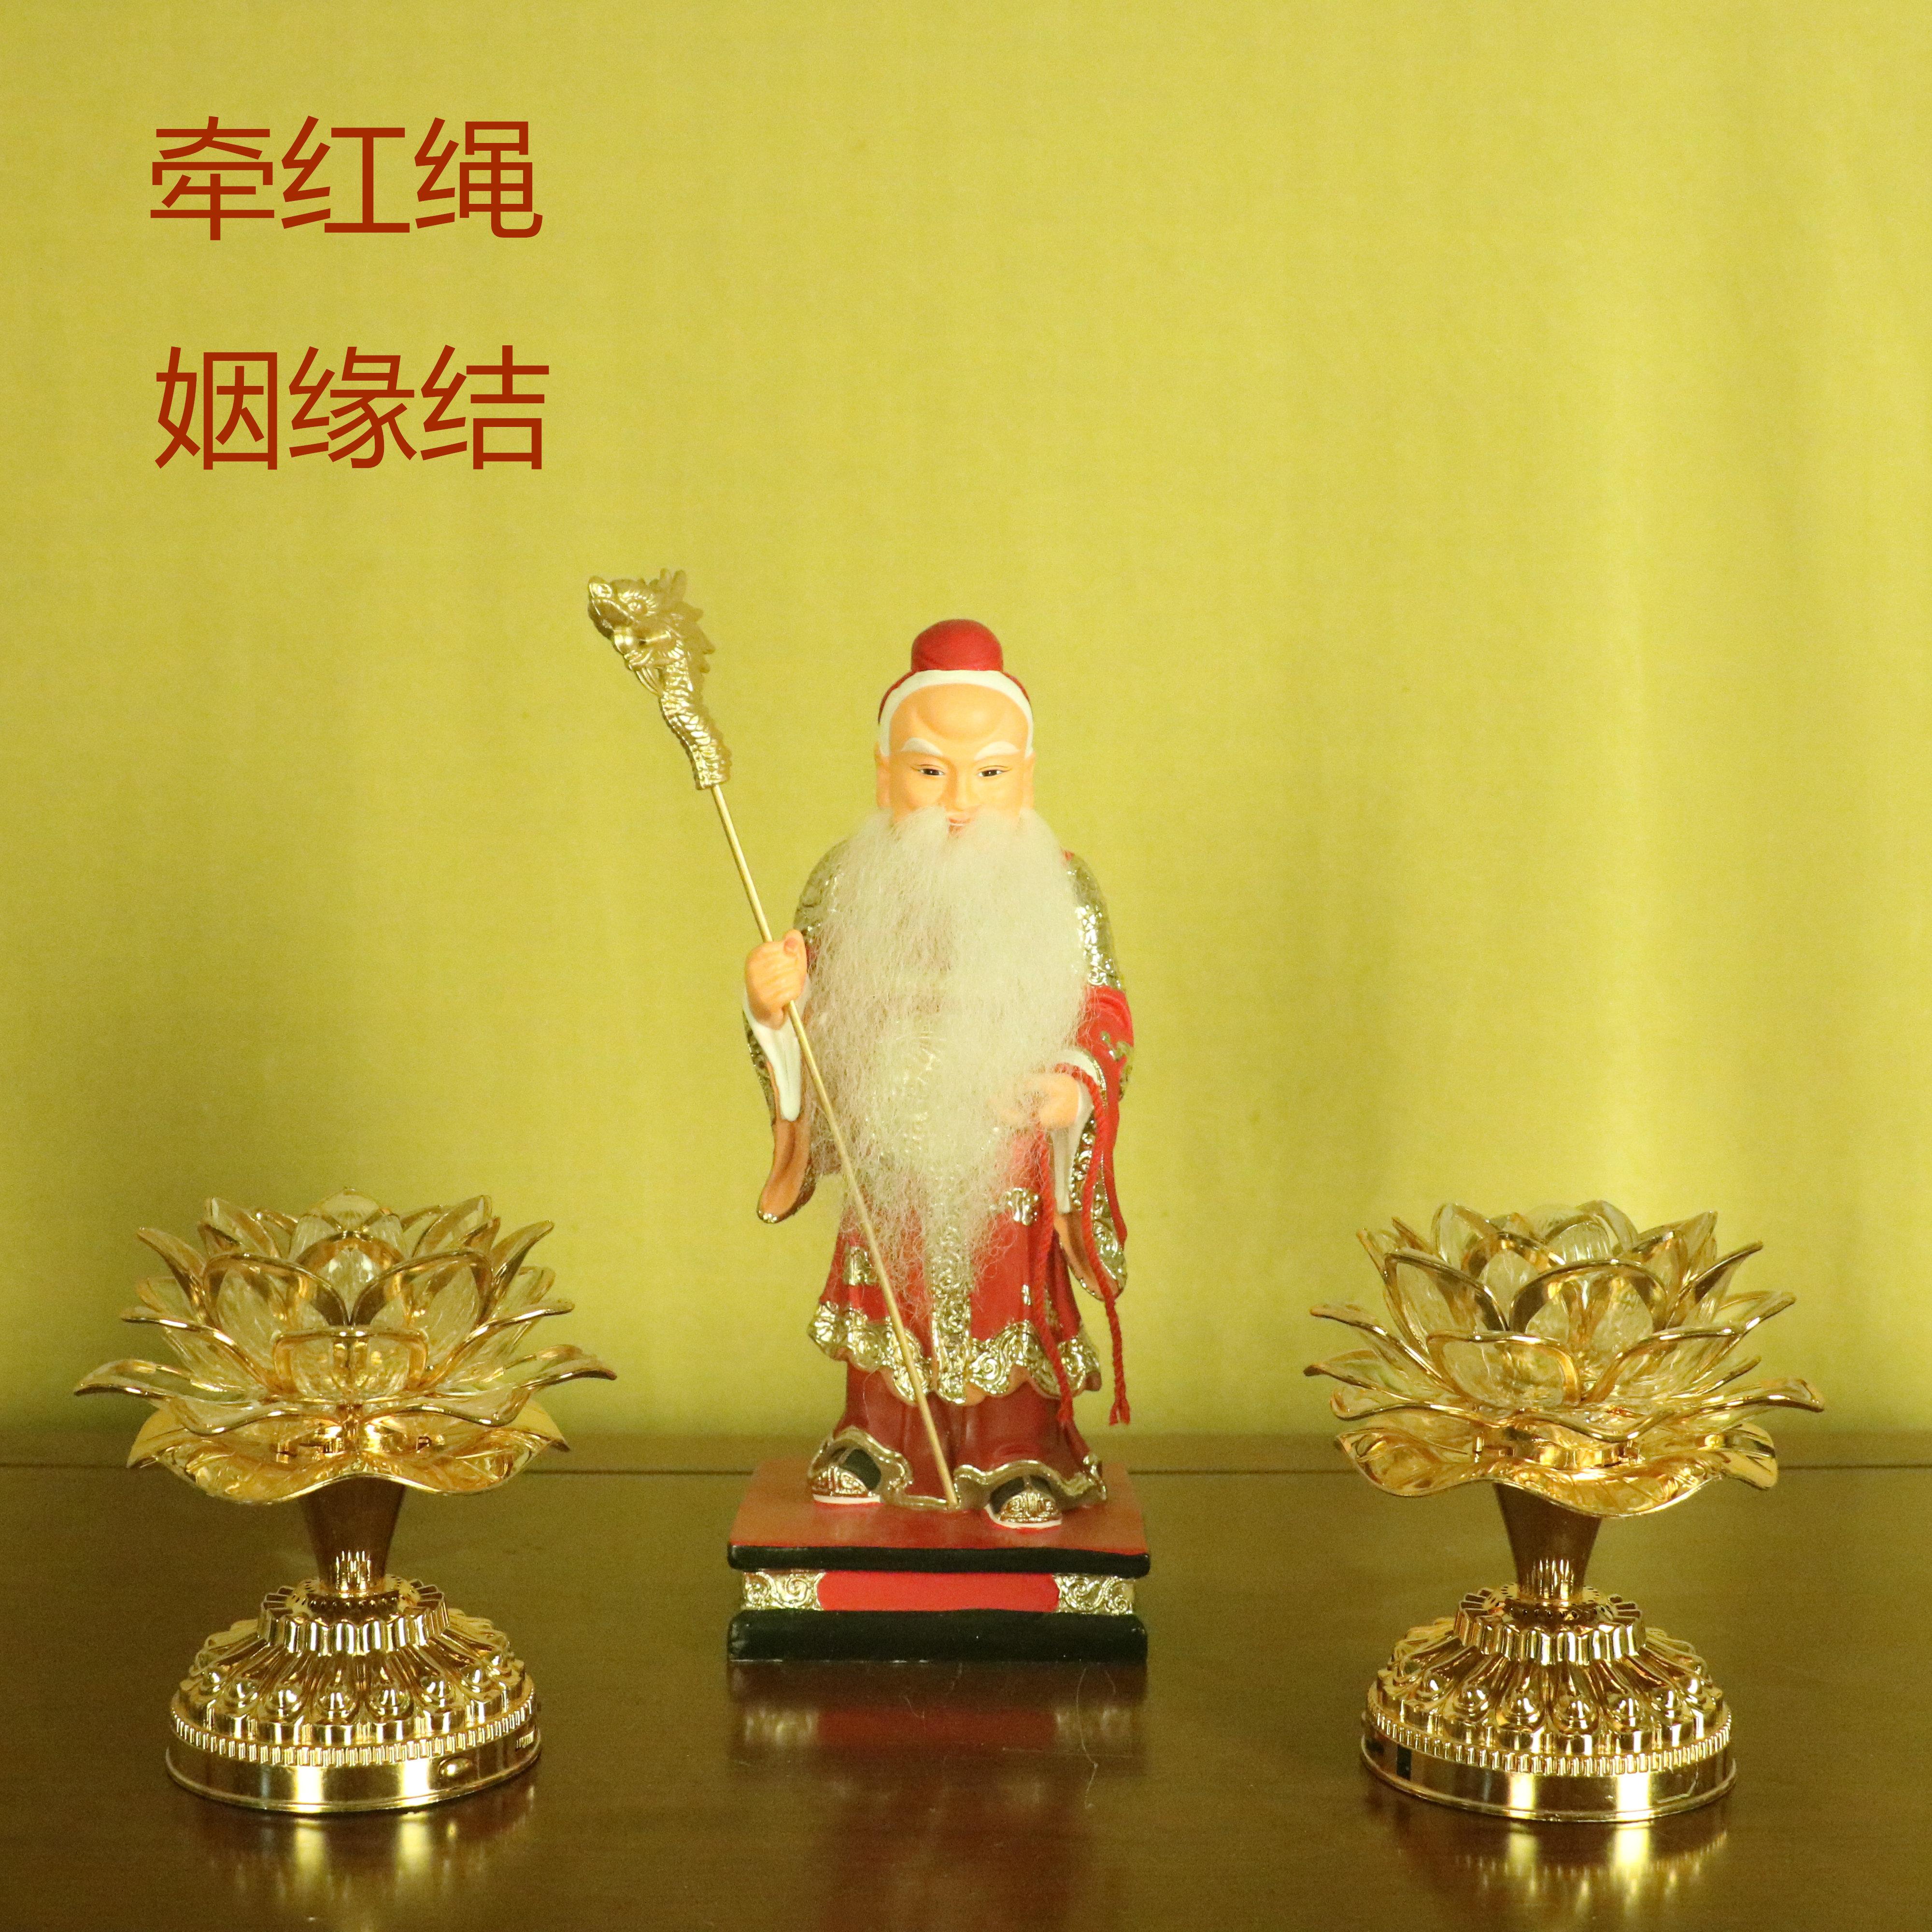 12寸樹脂月老神像顯靈牽姻緣紅線做媒結婚工藝品擺件廠家直銷